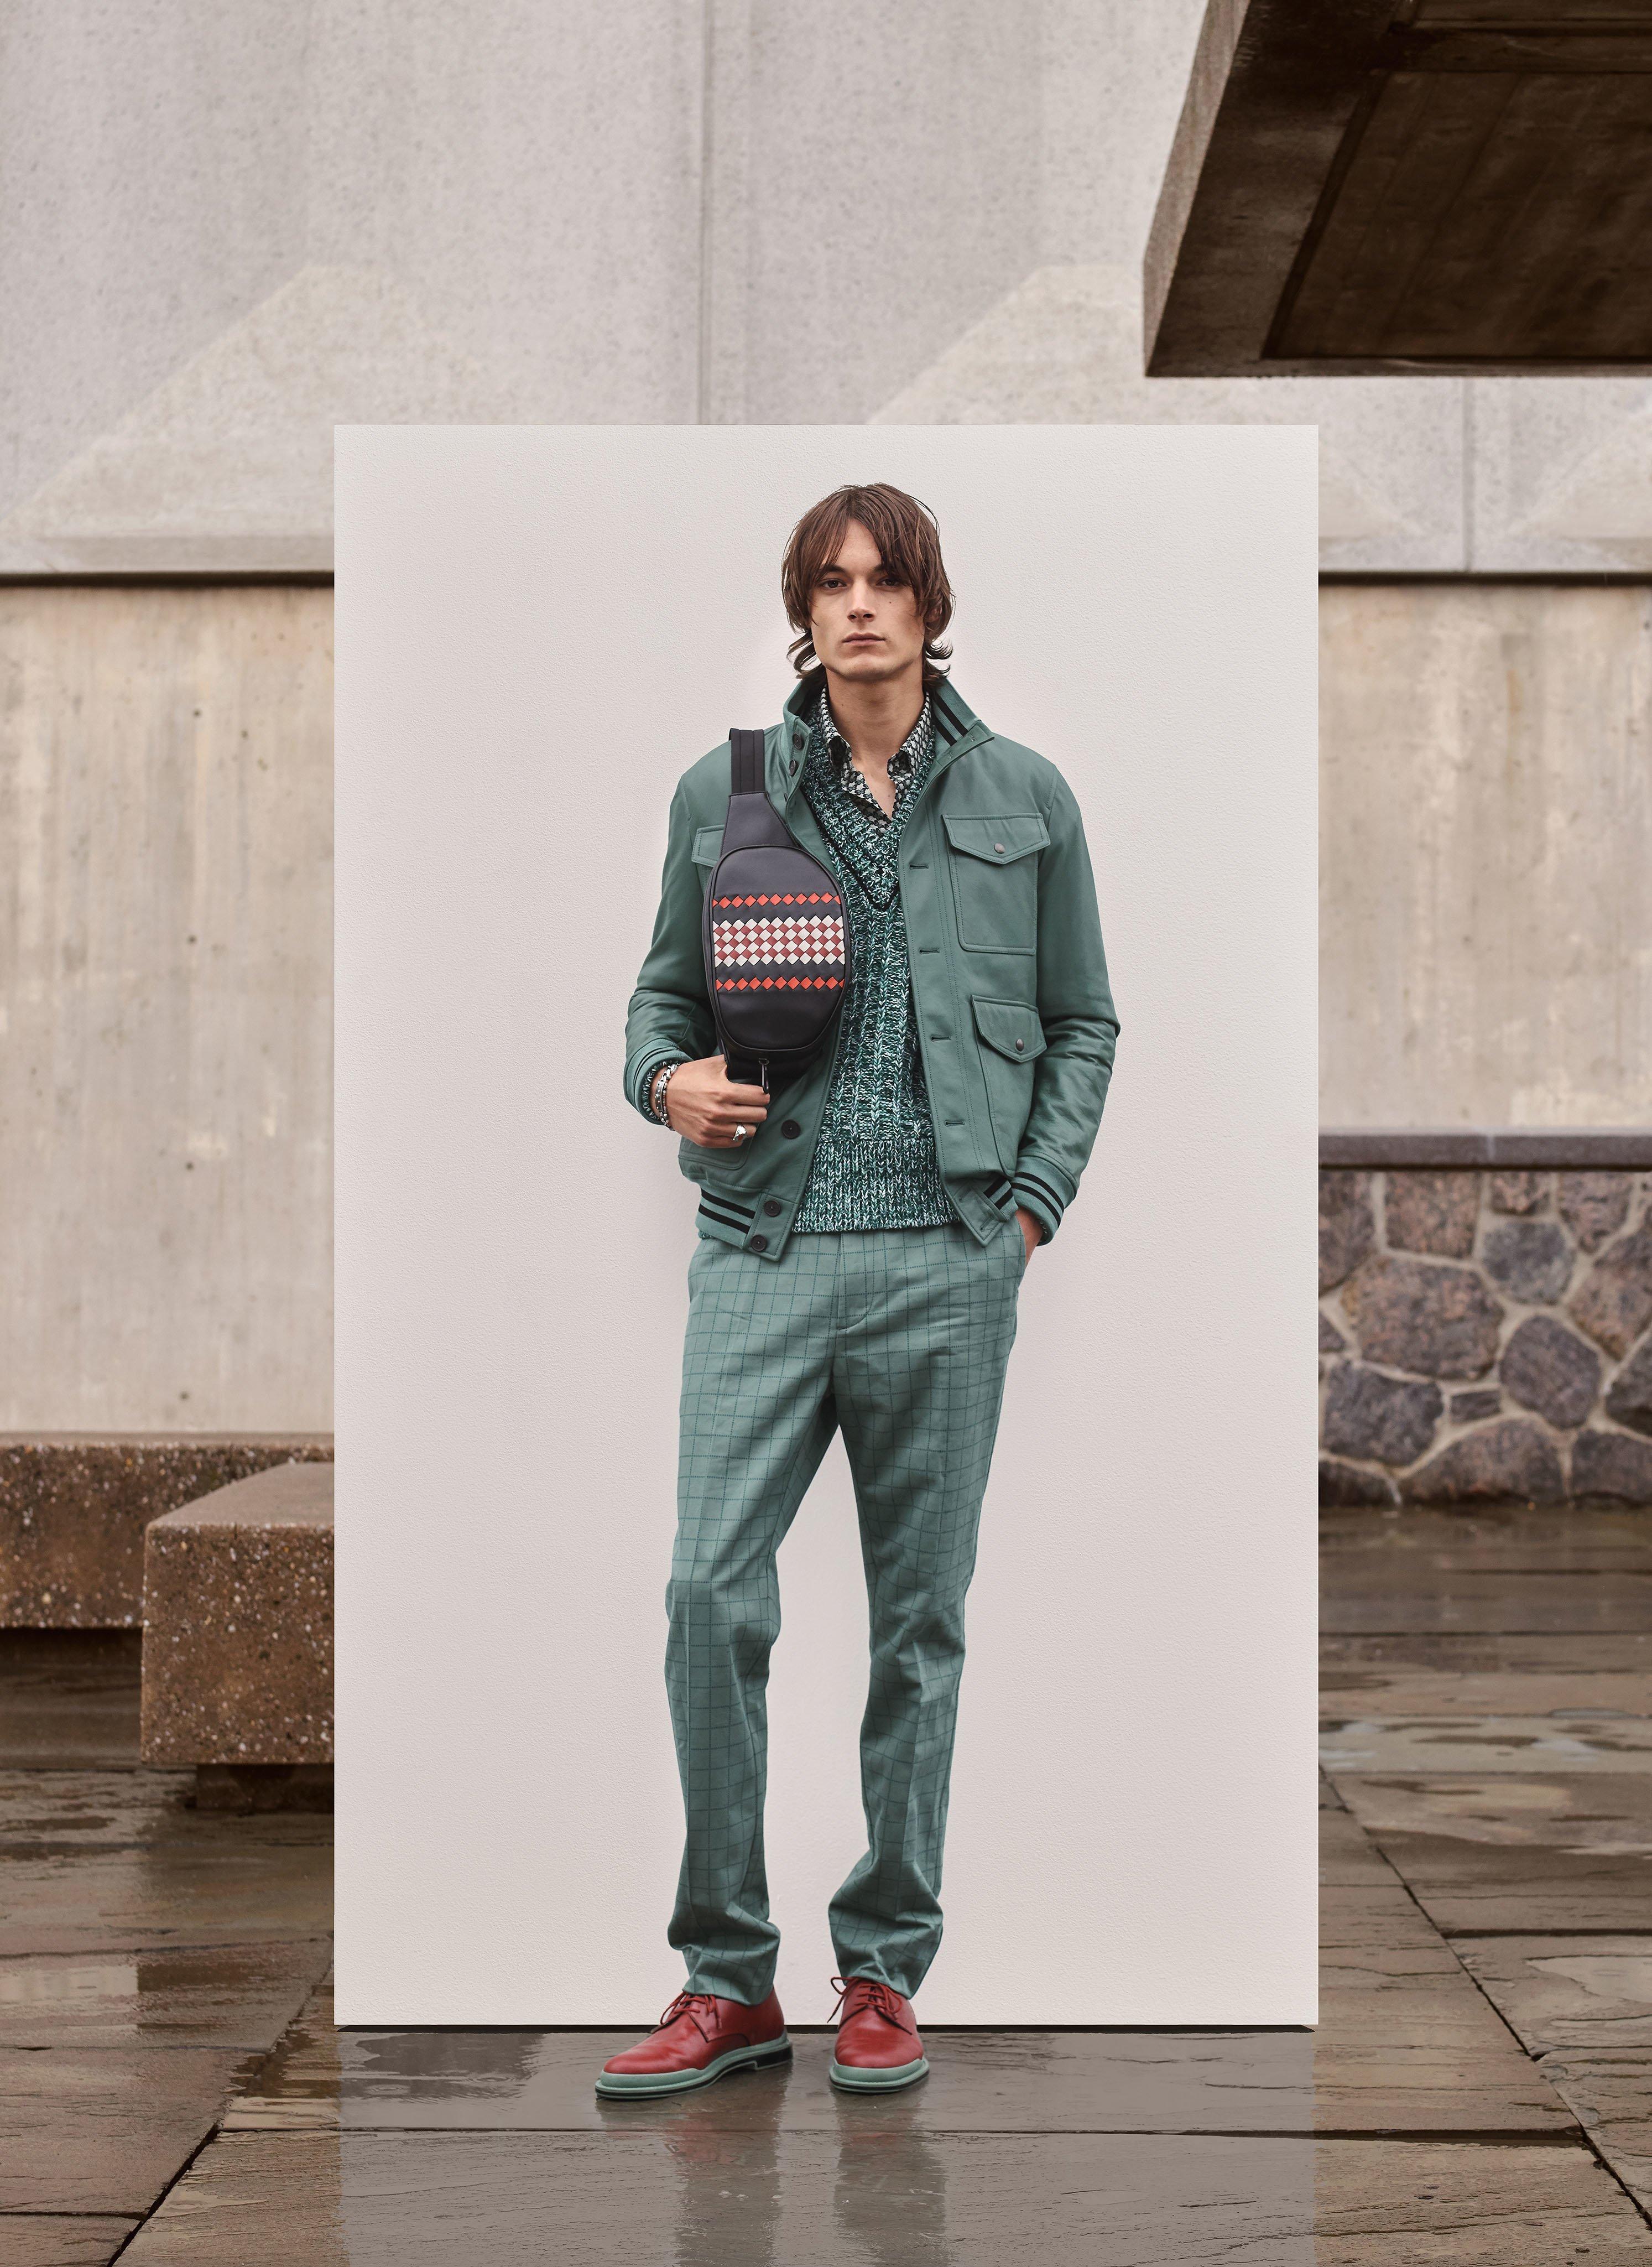 보테가 베네타, 2019 크루즈 컬렉션